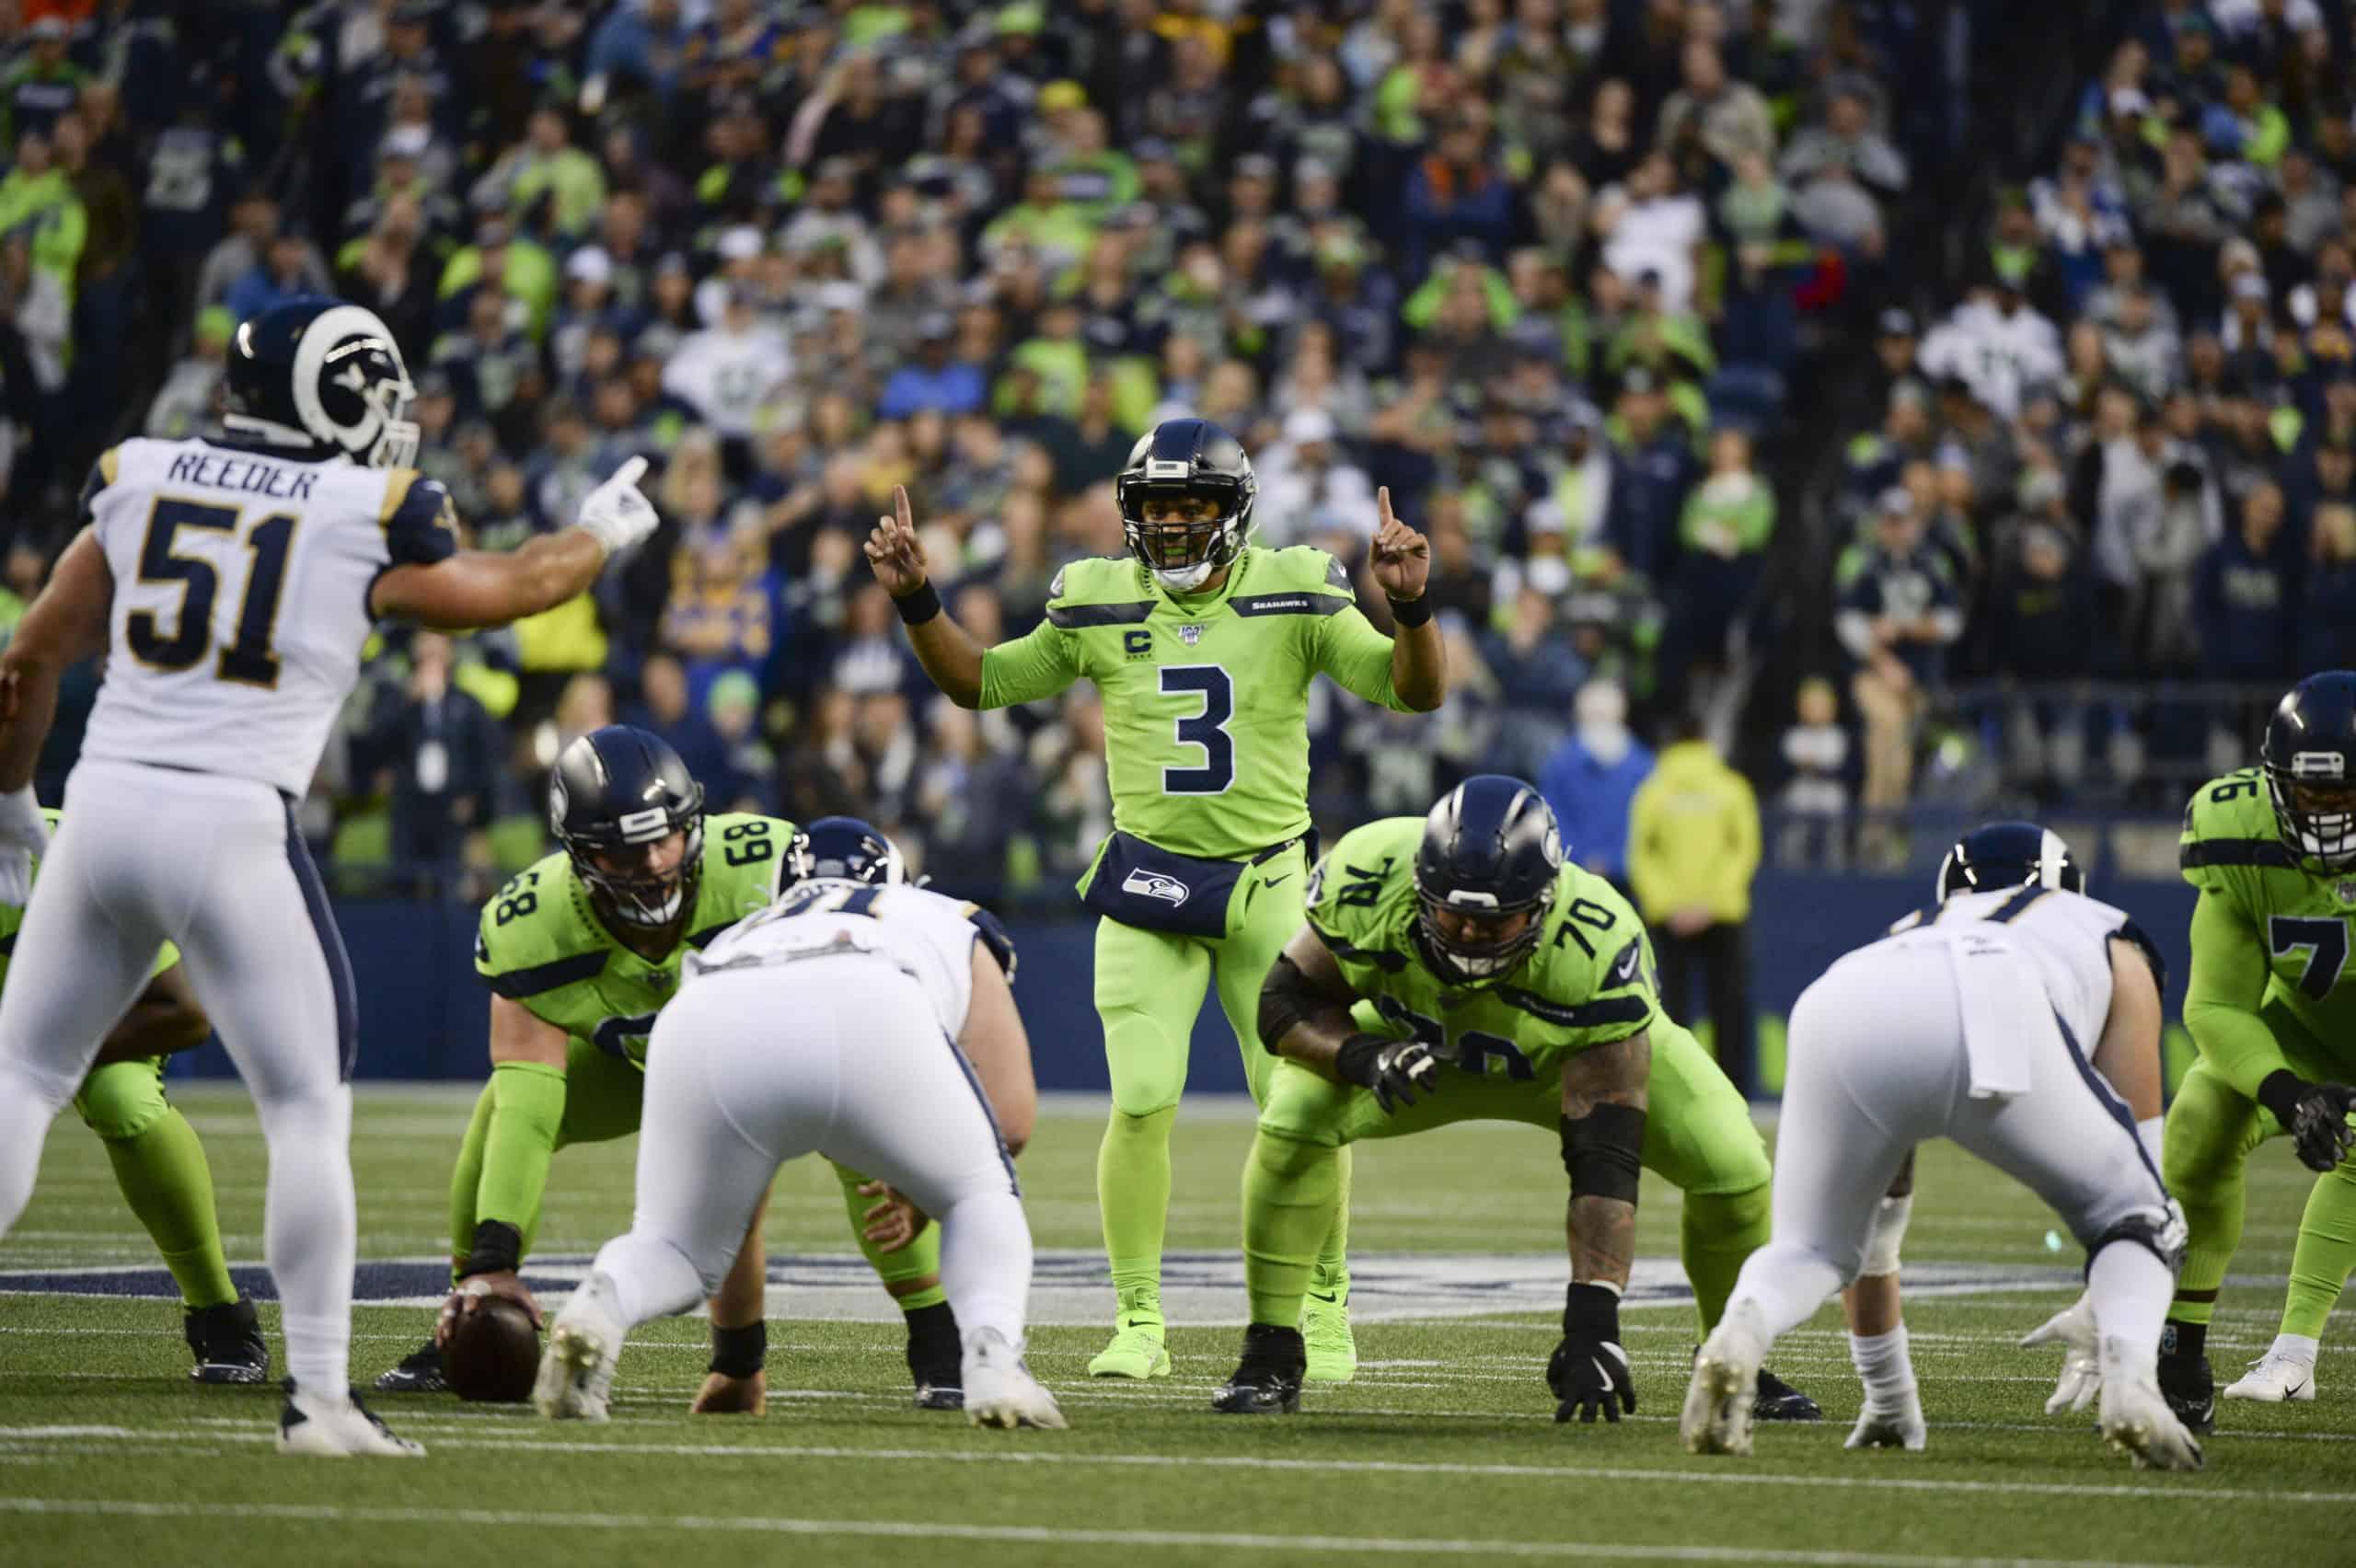 Wilson y sus Seahawks, uno de los problemas de los Rams en su division / sharpfootballanalisys.com